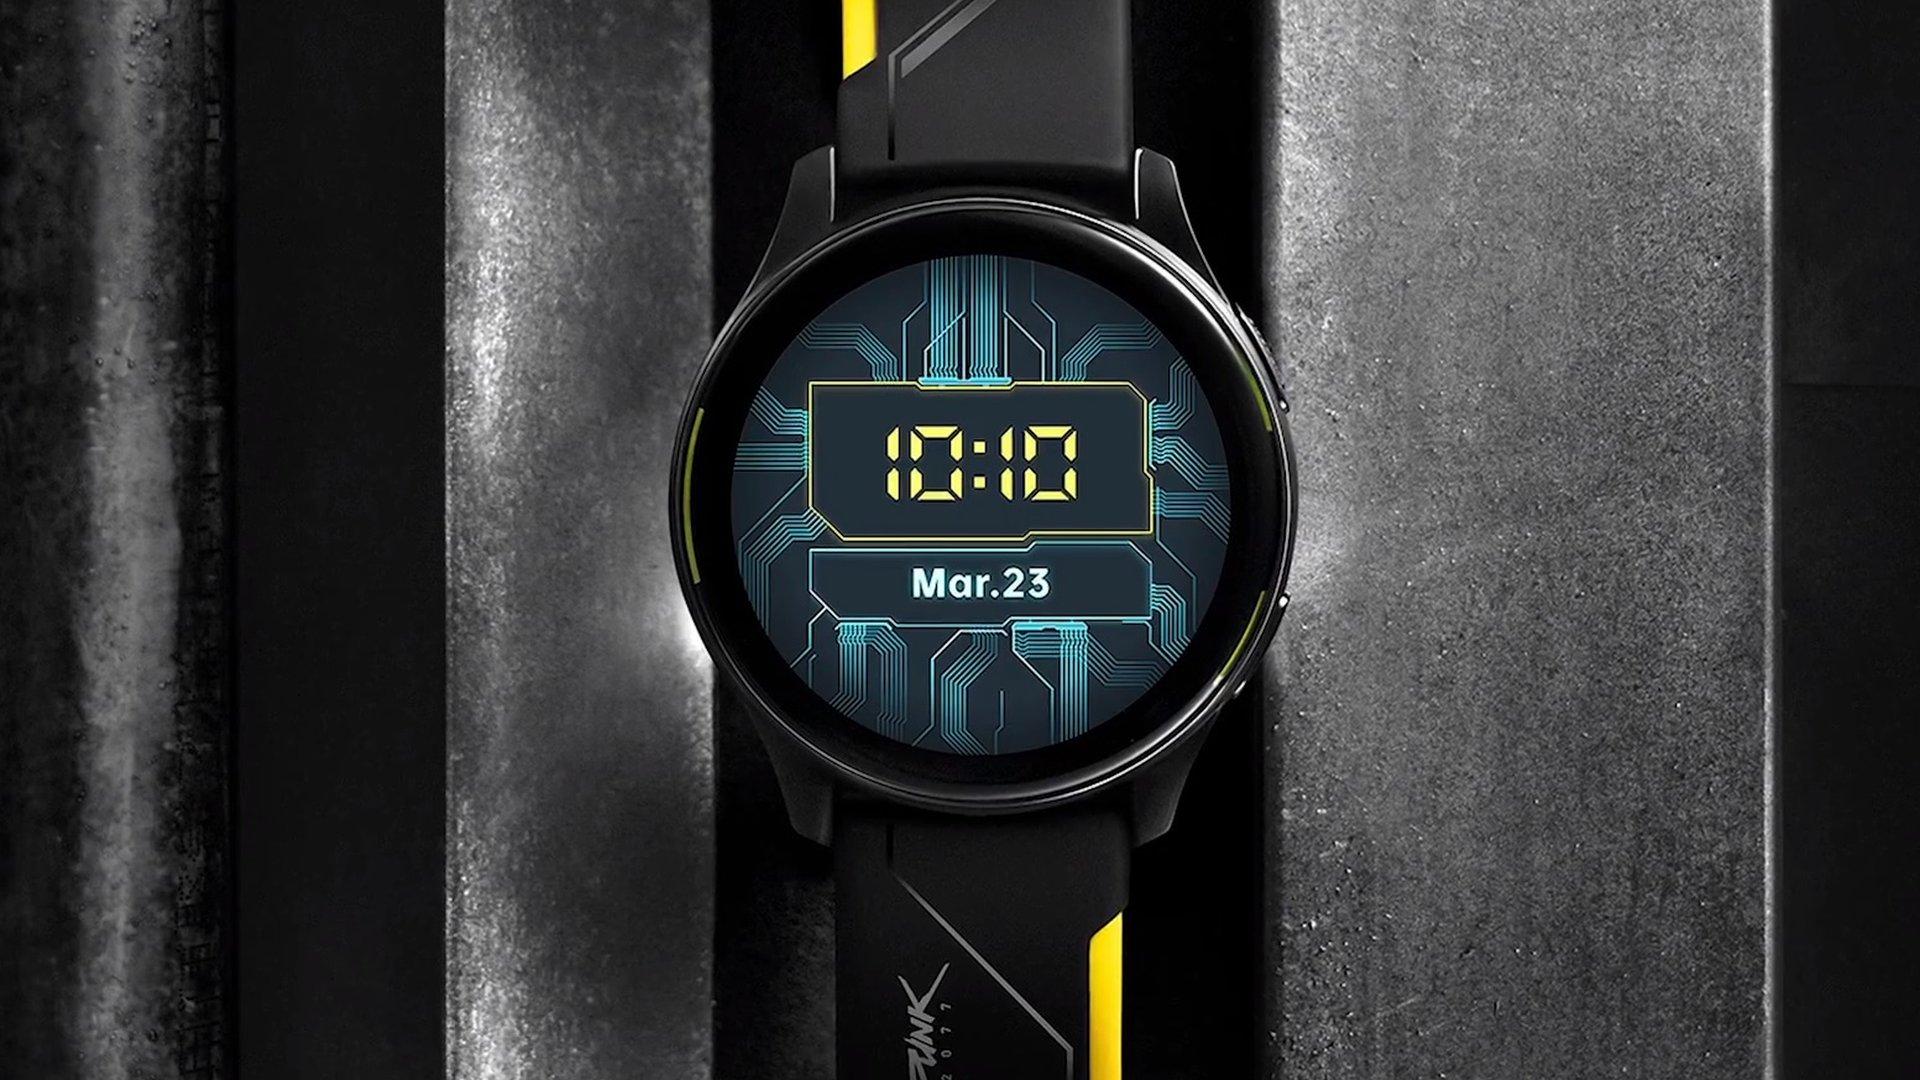 Вслед за OnePlus 8T Cyberpunk 2077 Limited Edition: OnePlus анонсировала смарт-часы в стиле Cyberpunk 2077